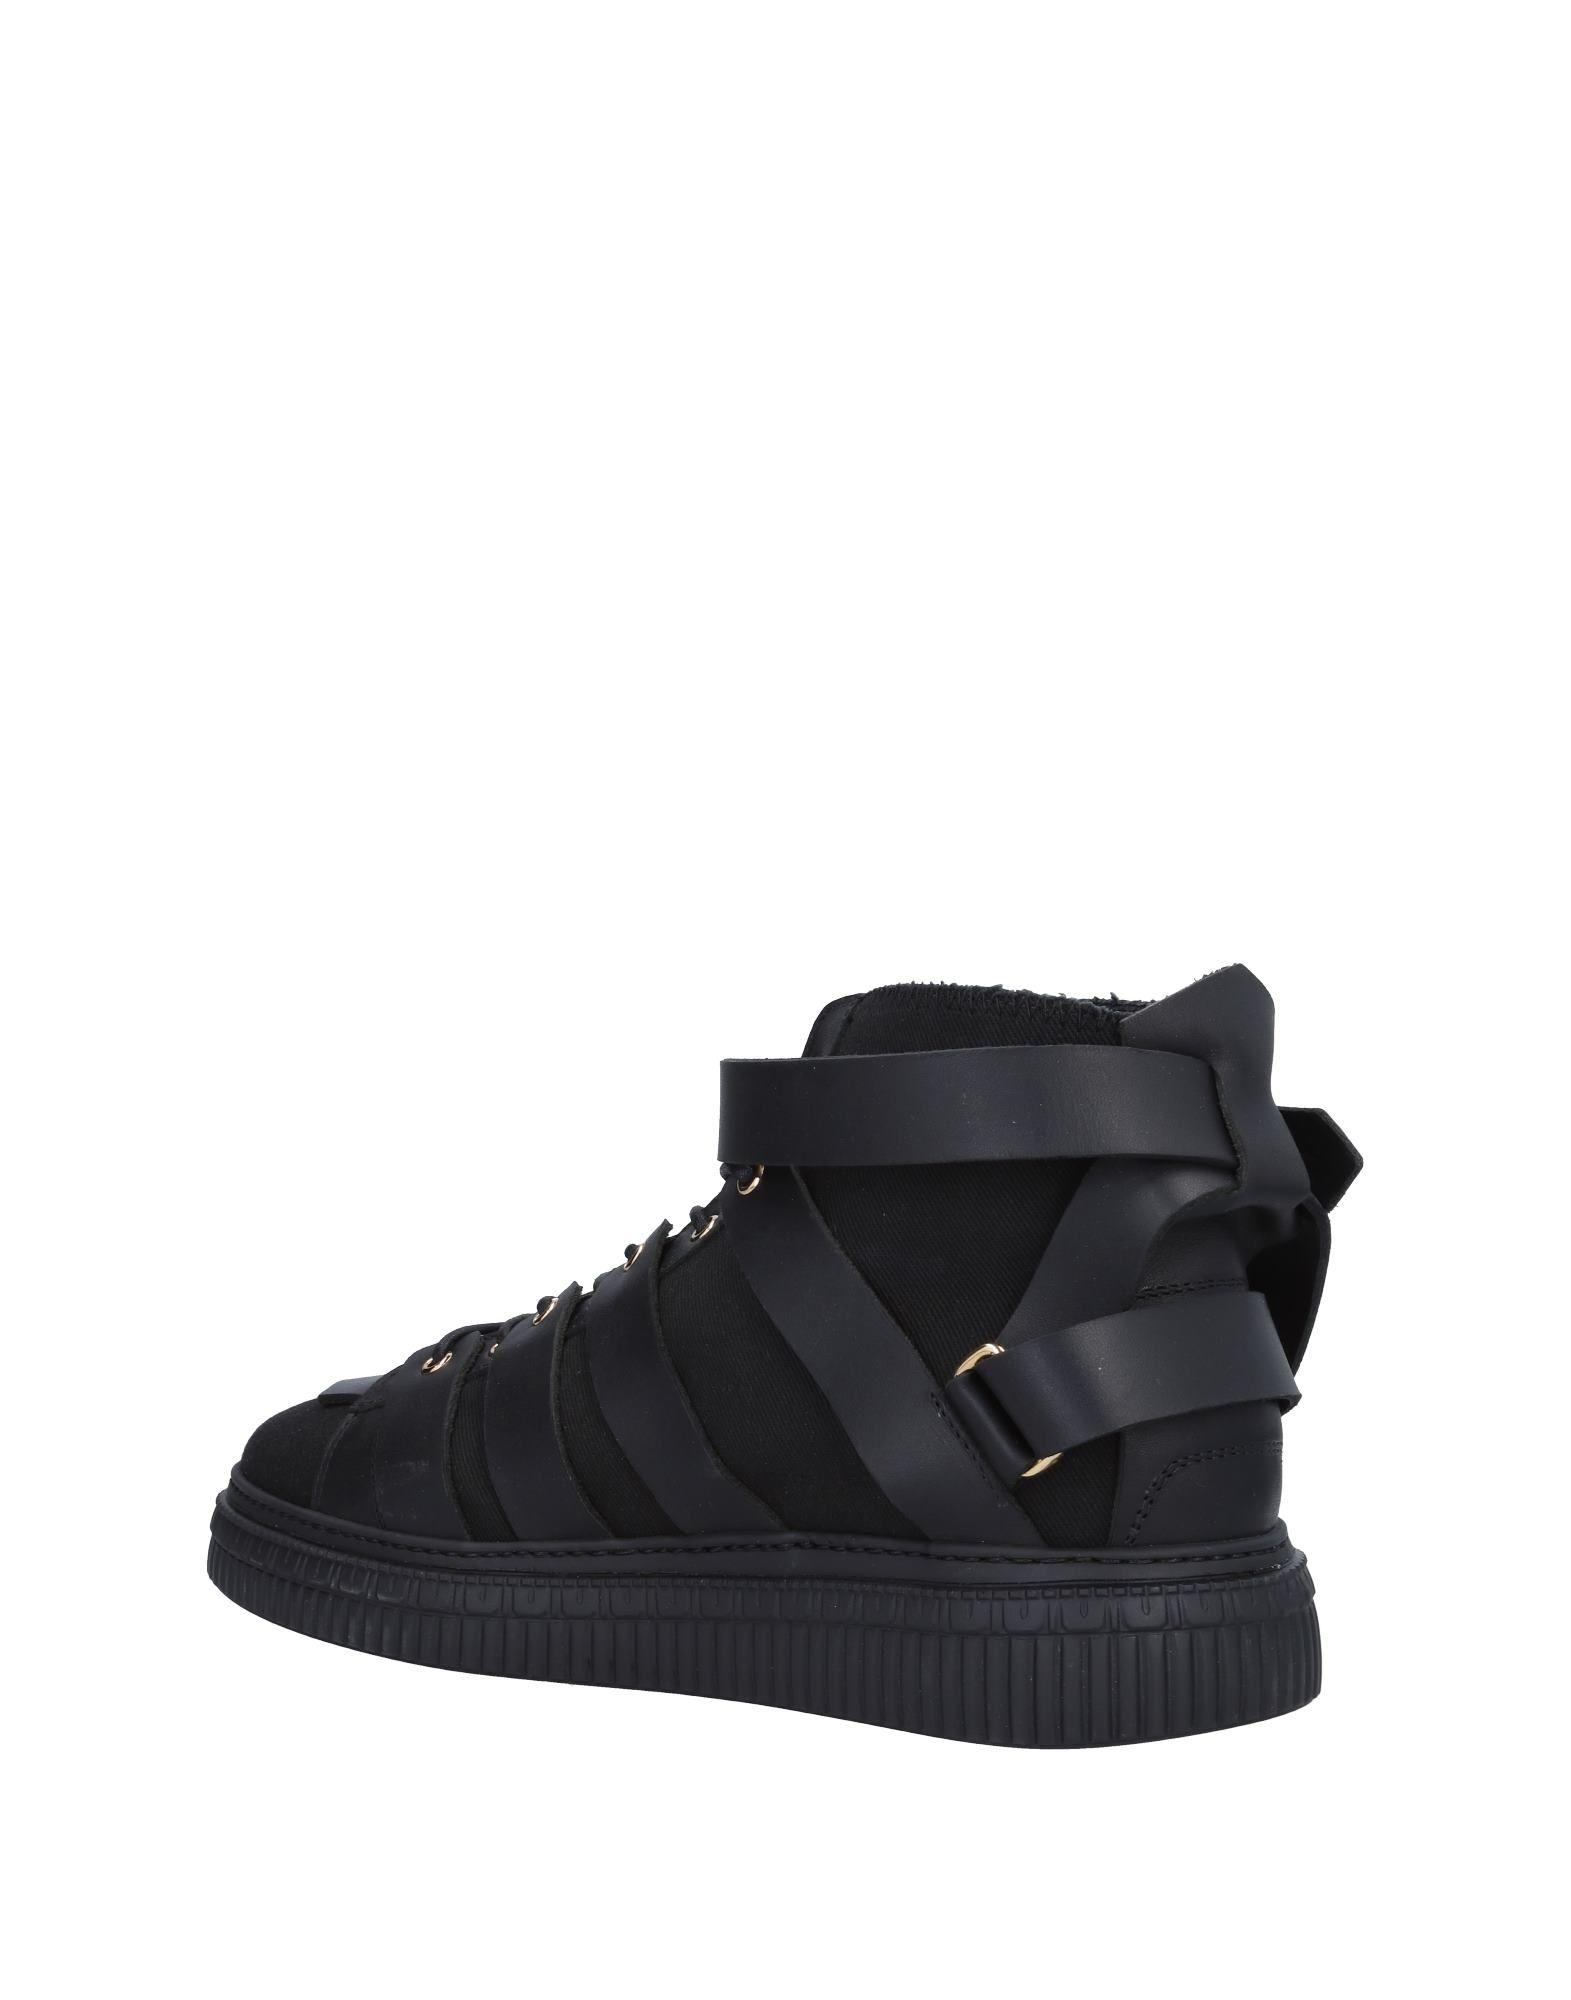 Fausto Puglisi Sneakers 11495448IK Herren  11495448IK Sneakers d28746